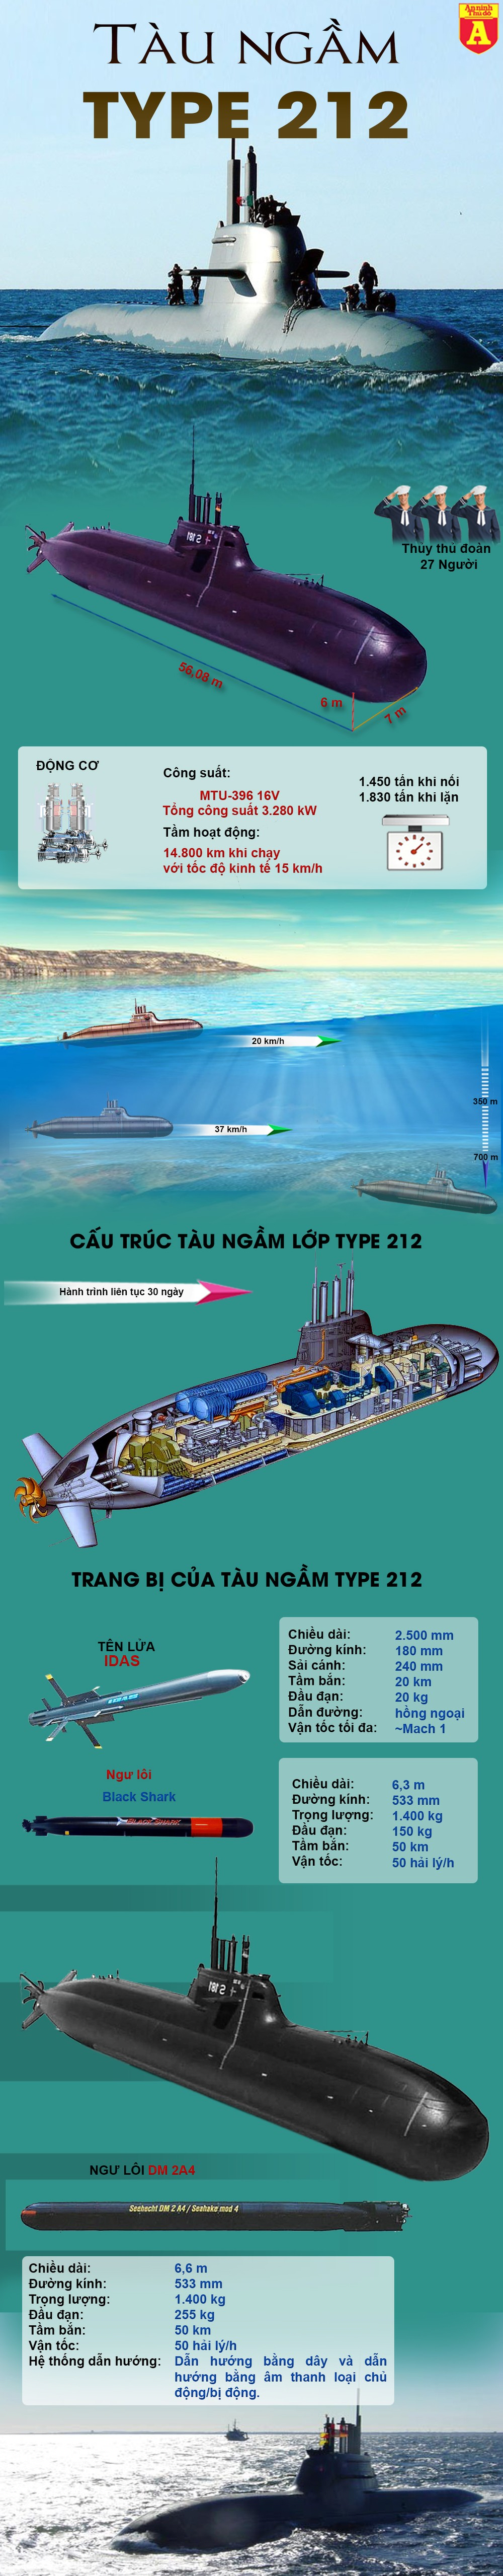 """[Infographic] """"F-22 giữa lòng đại dương"""" của Đức khiến Nga lo sợ, Trung Quốc thèm thuồng ảnh 2"""